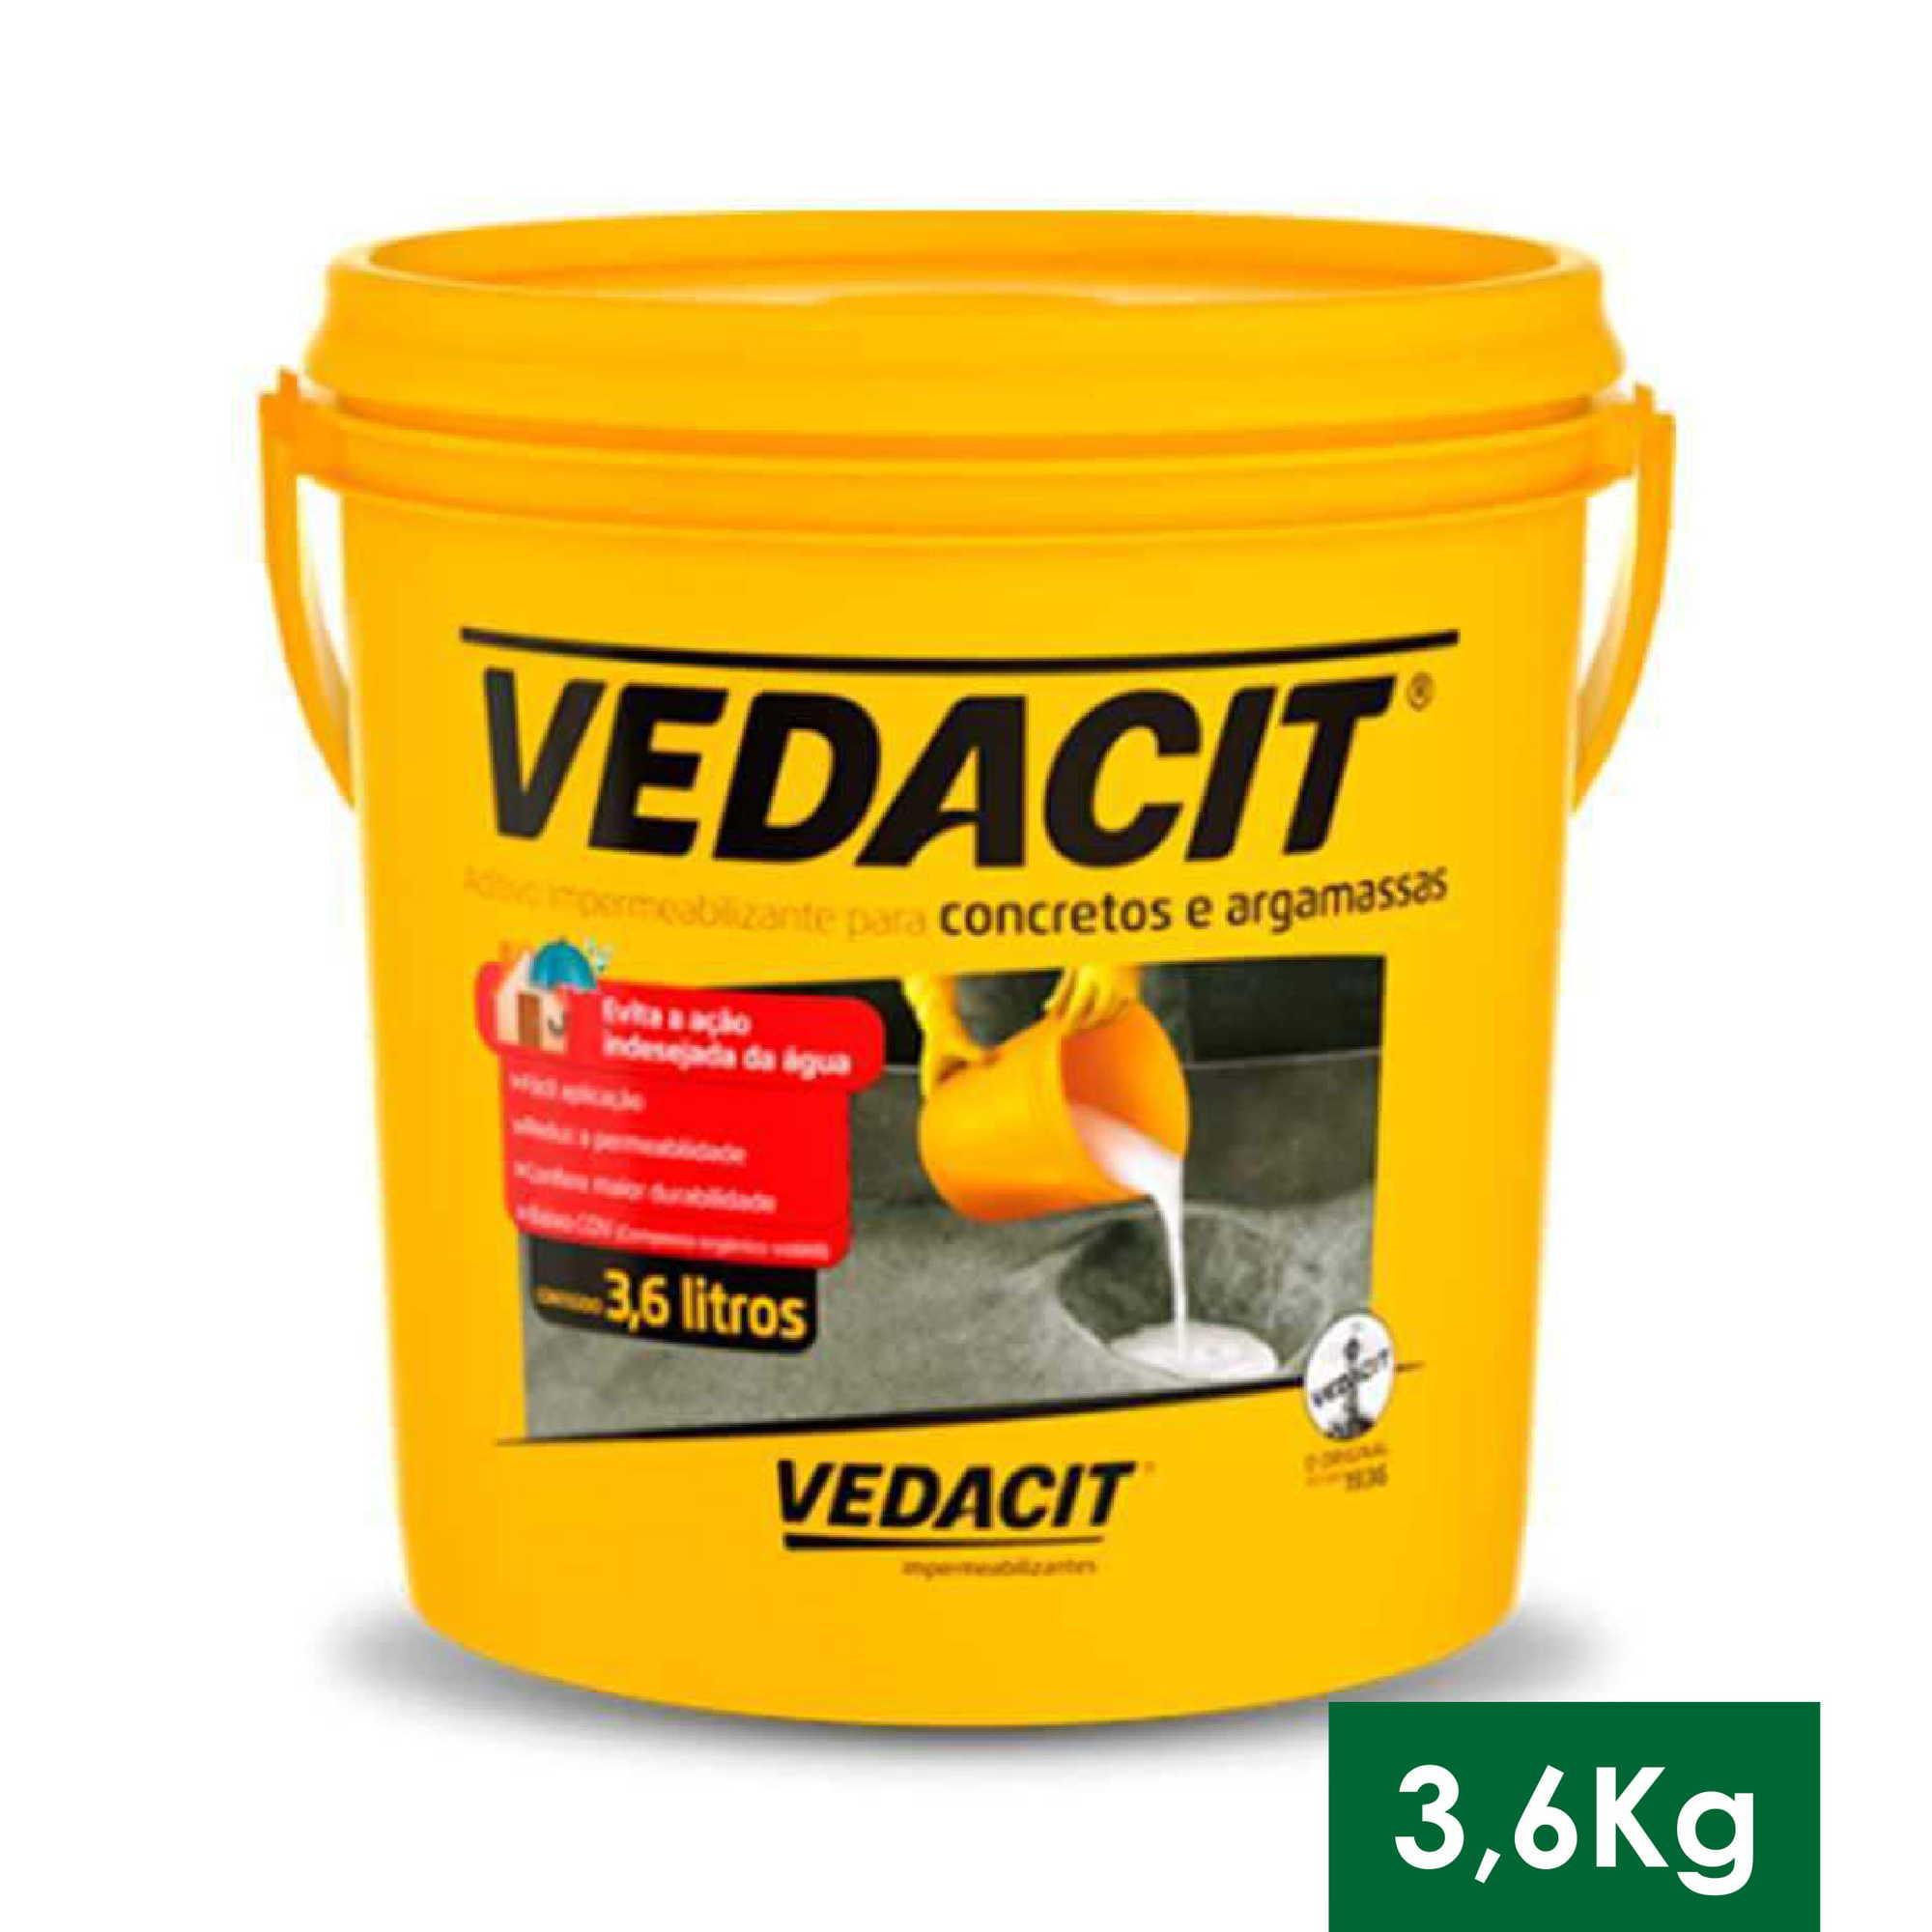 VEDACIT 3,6 KG